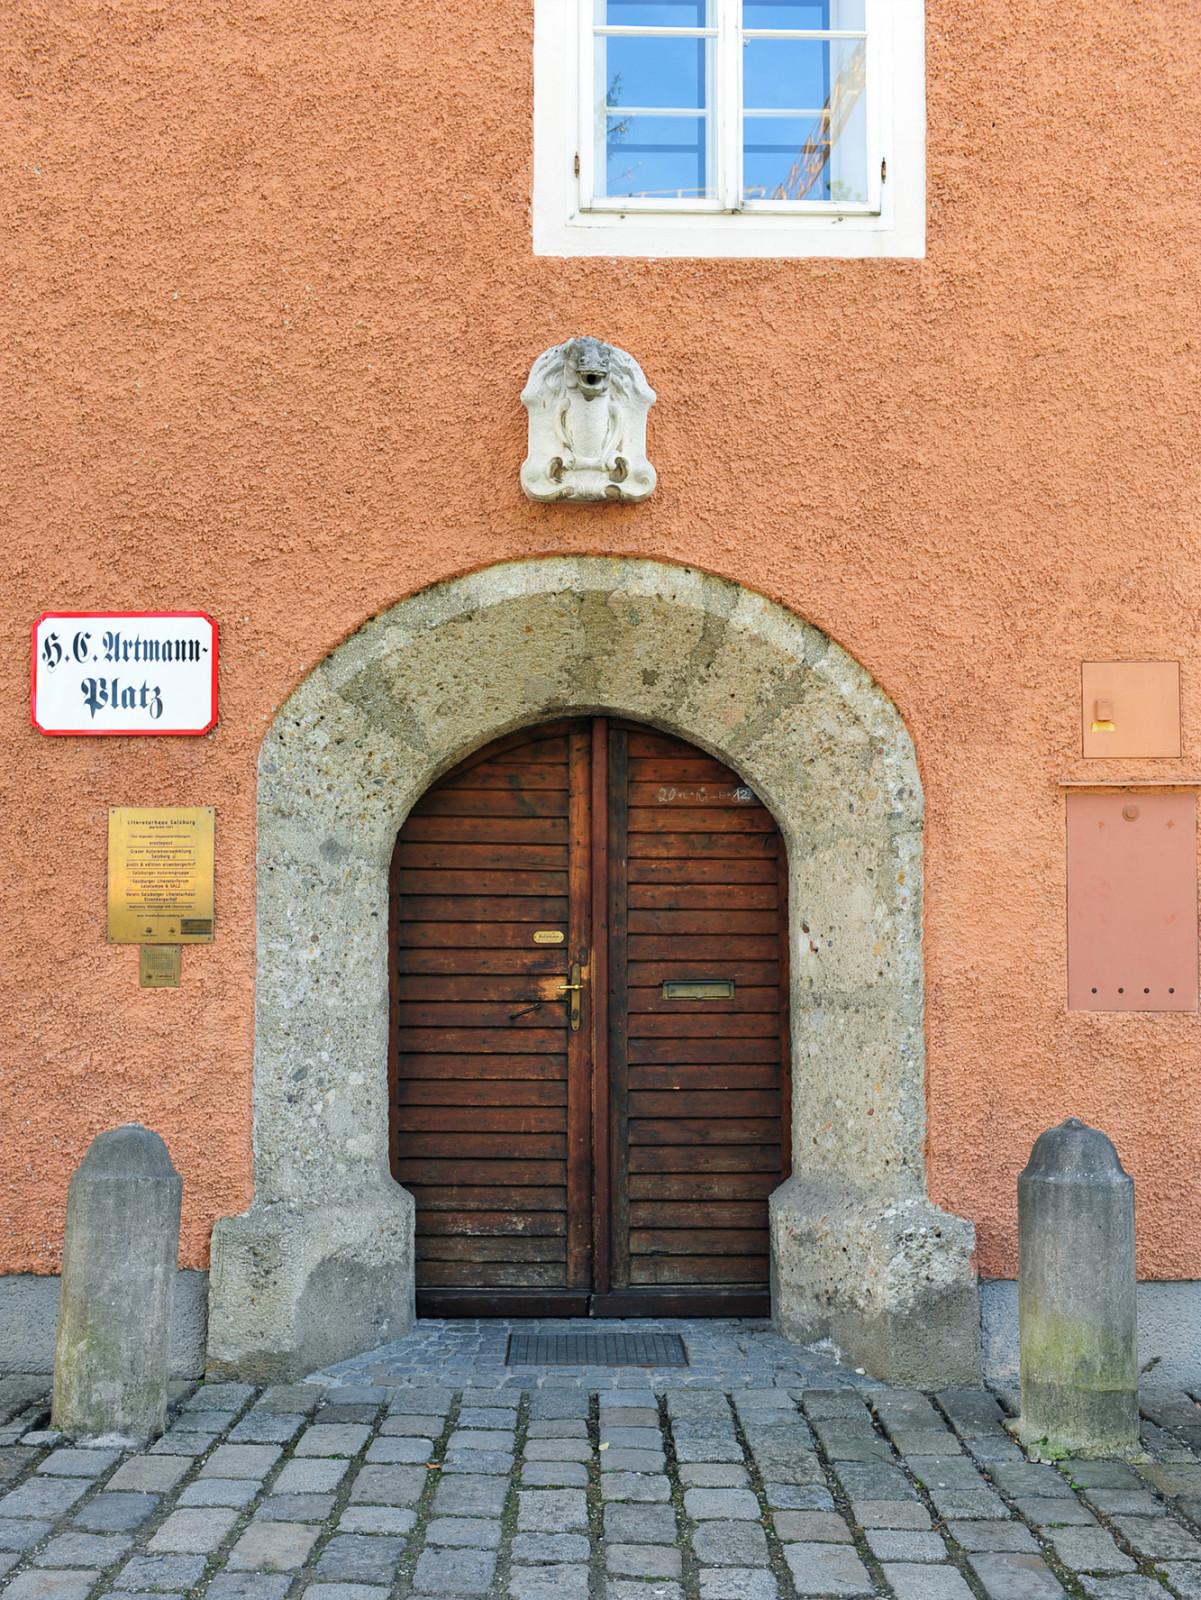 Herrschaftlich: Der Eingang zum Literaturhaus.